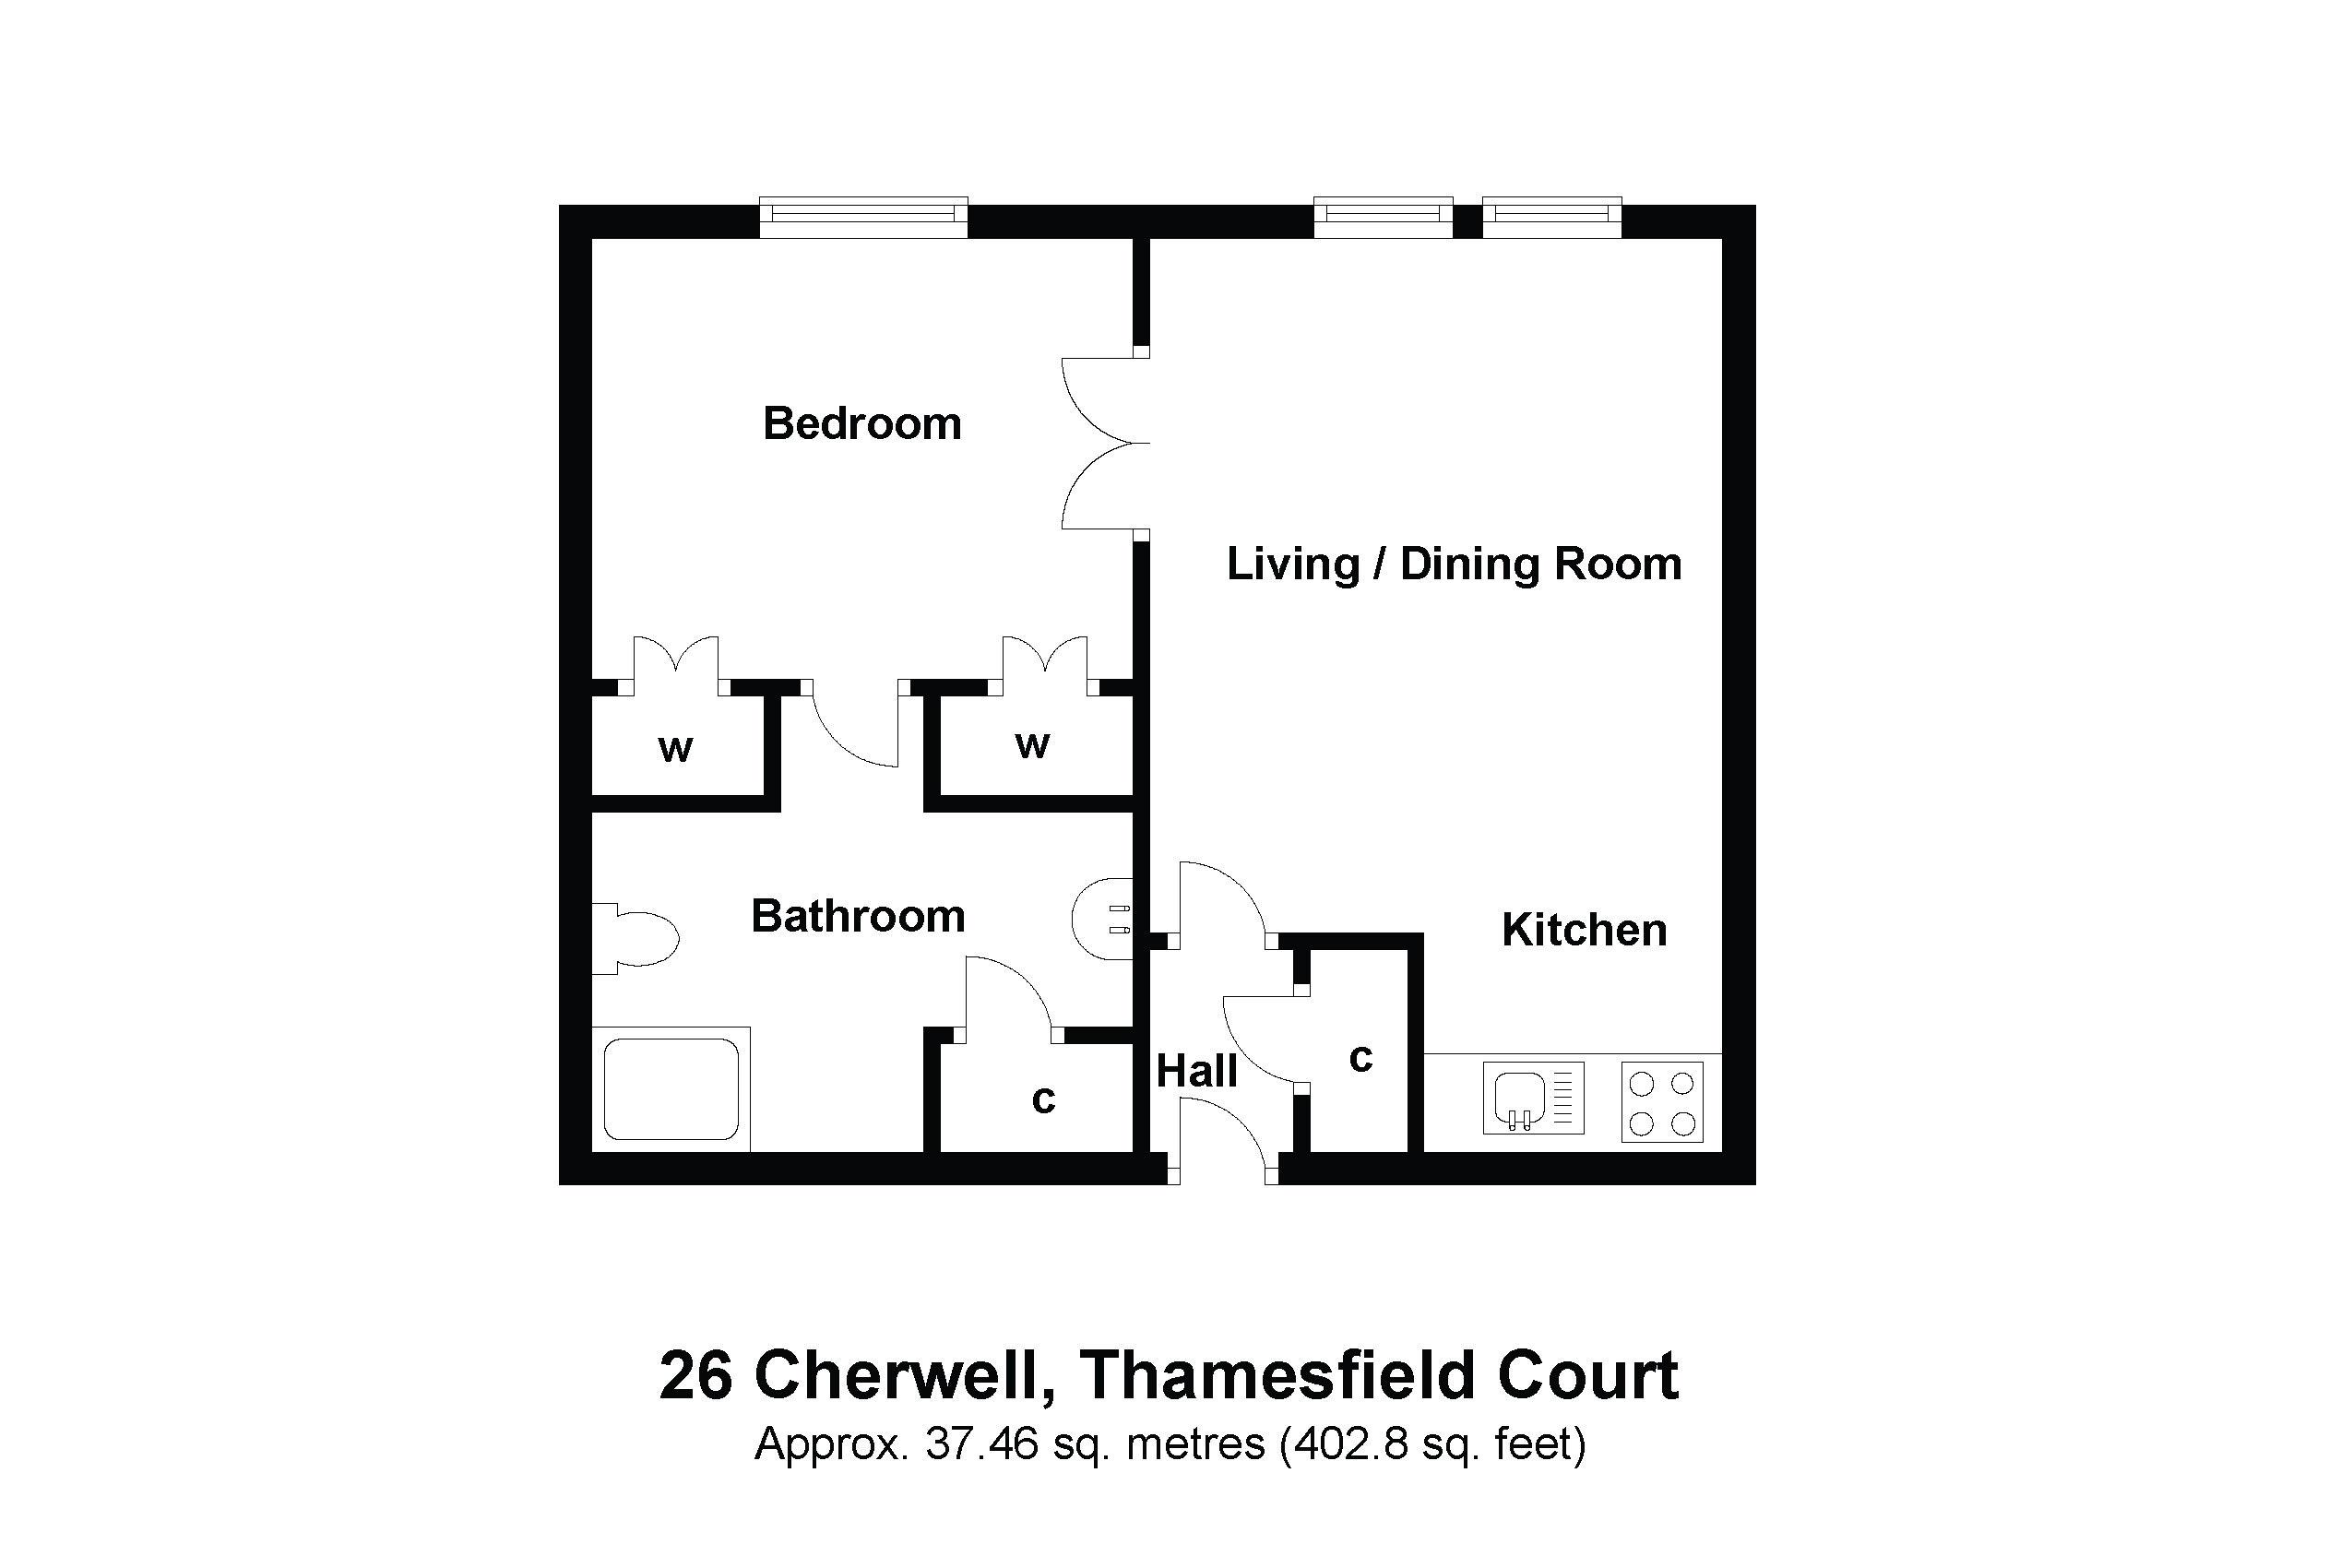 26 Cherwell Floorplan